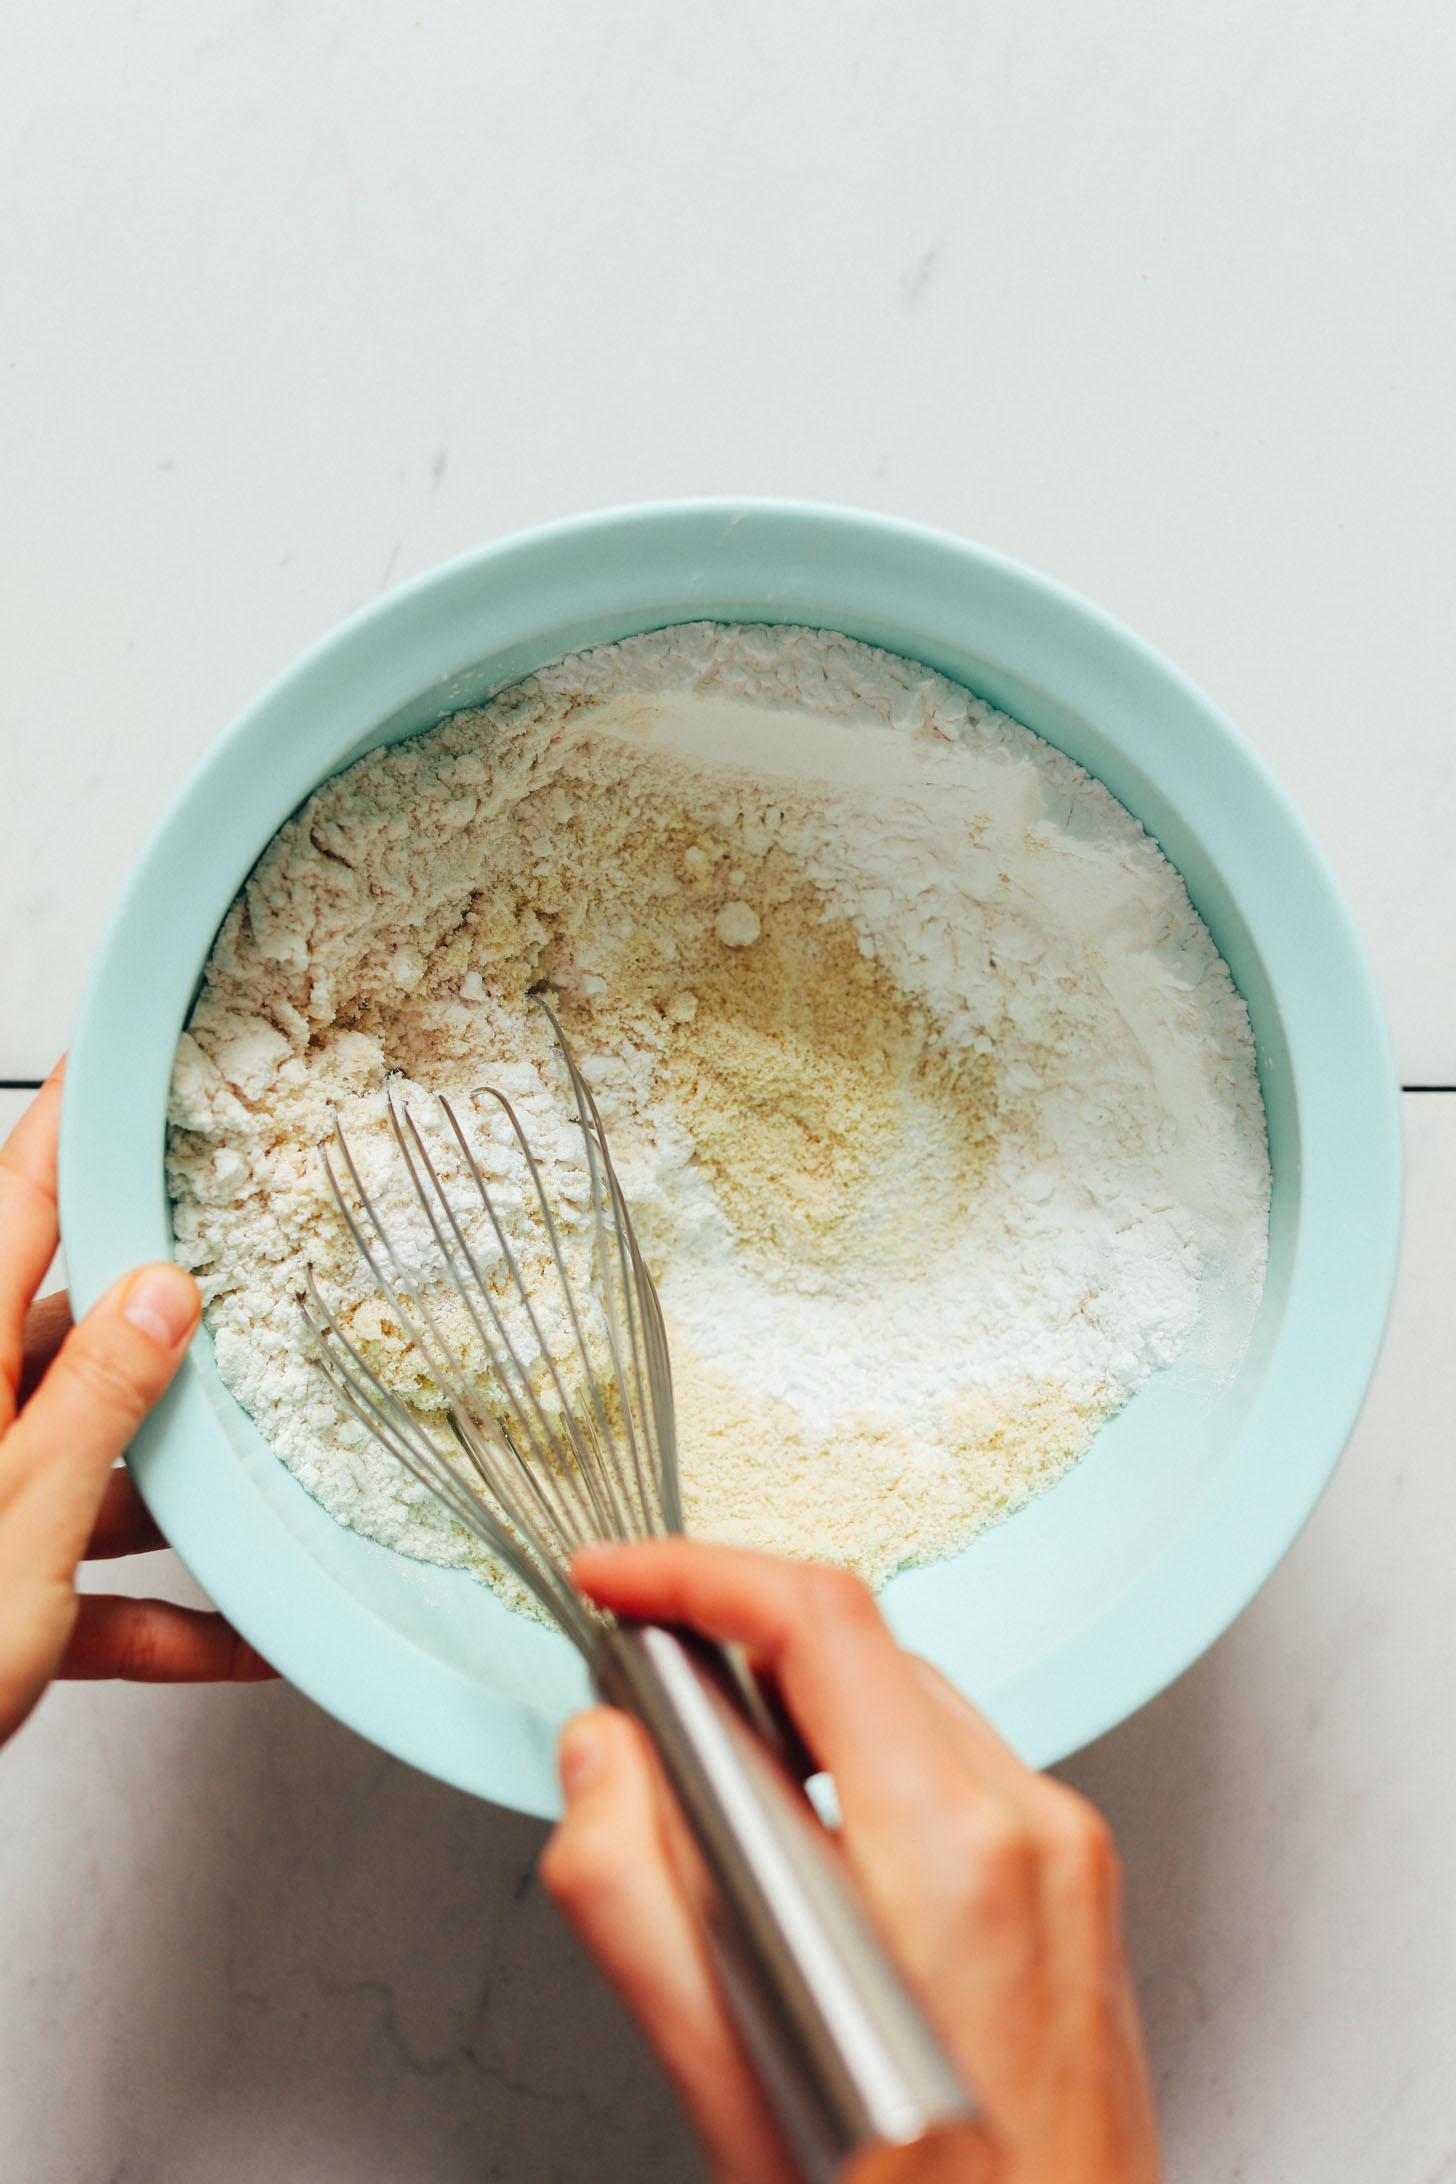 Whisking almond flour, gluten-free flour blend, tapioca flour, baking soda, and sea salt in a bowl